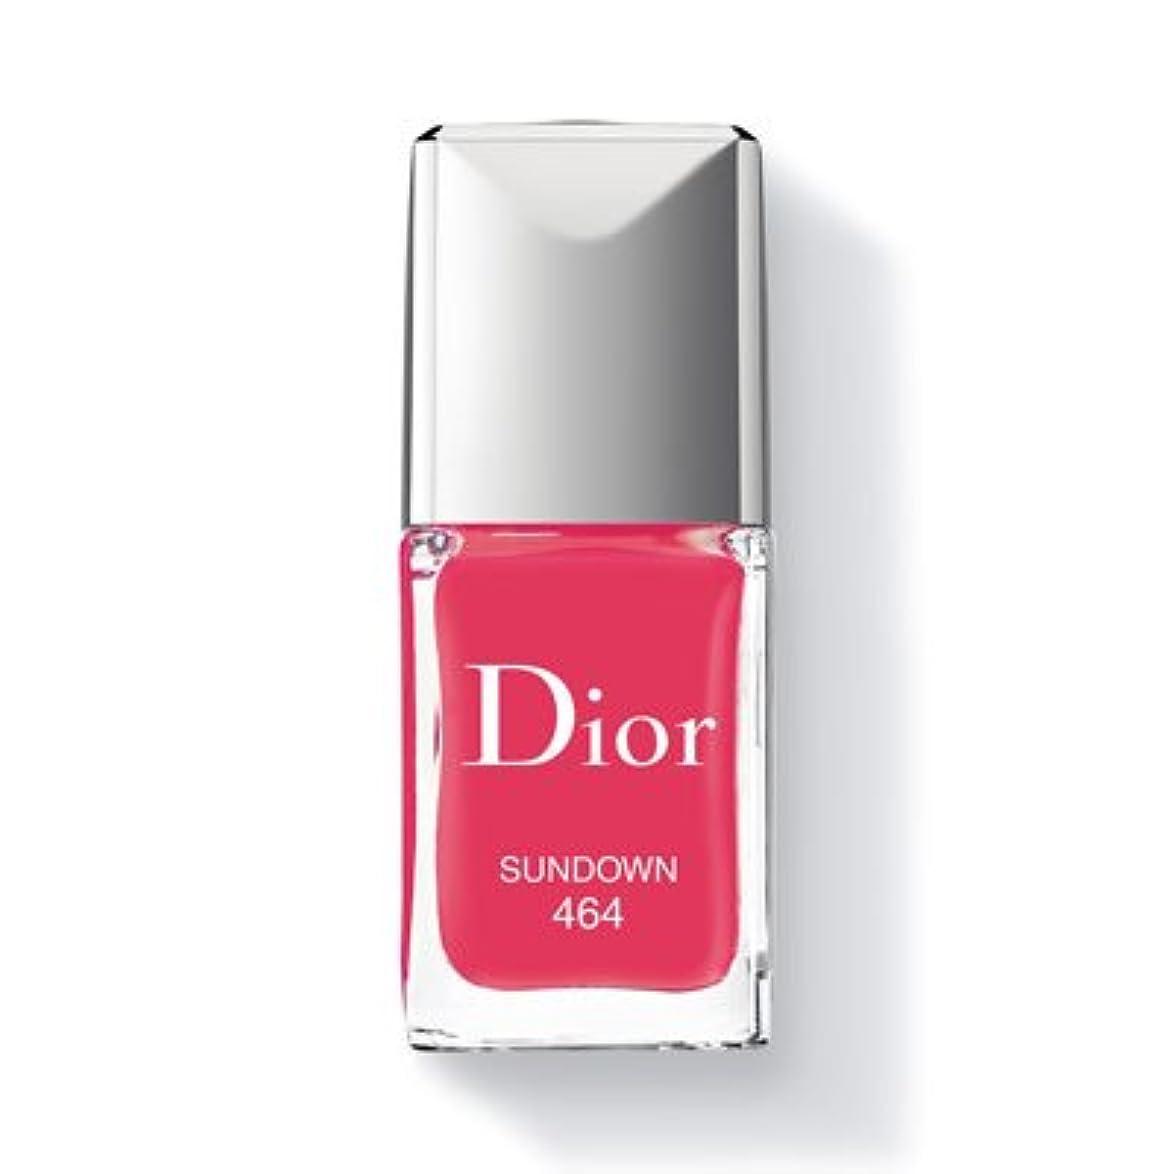 市民聞きます排泄するChristian Dior クリスチャン ディオール ディオール ヴェルニ #464 SUNDOWN 10ml [並行輸入品]